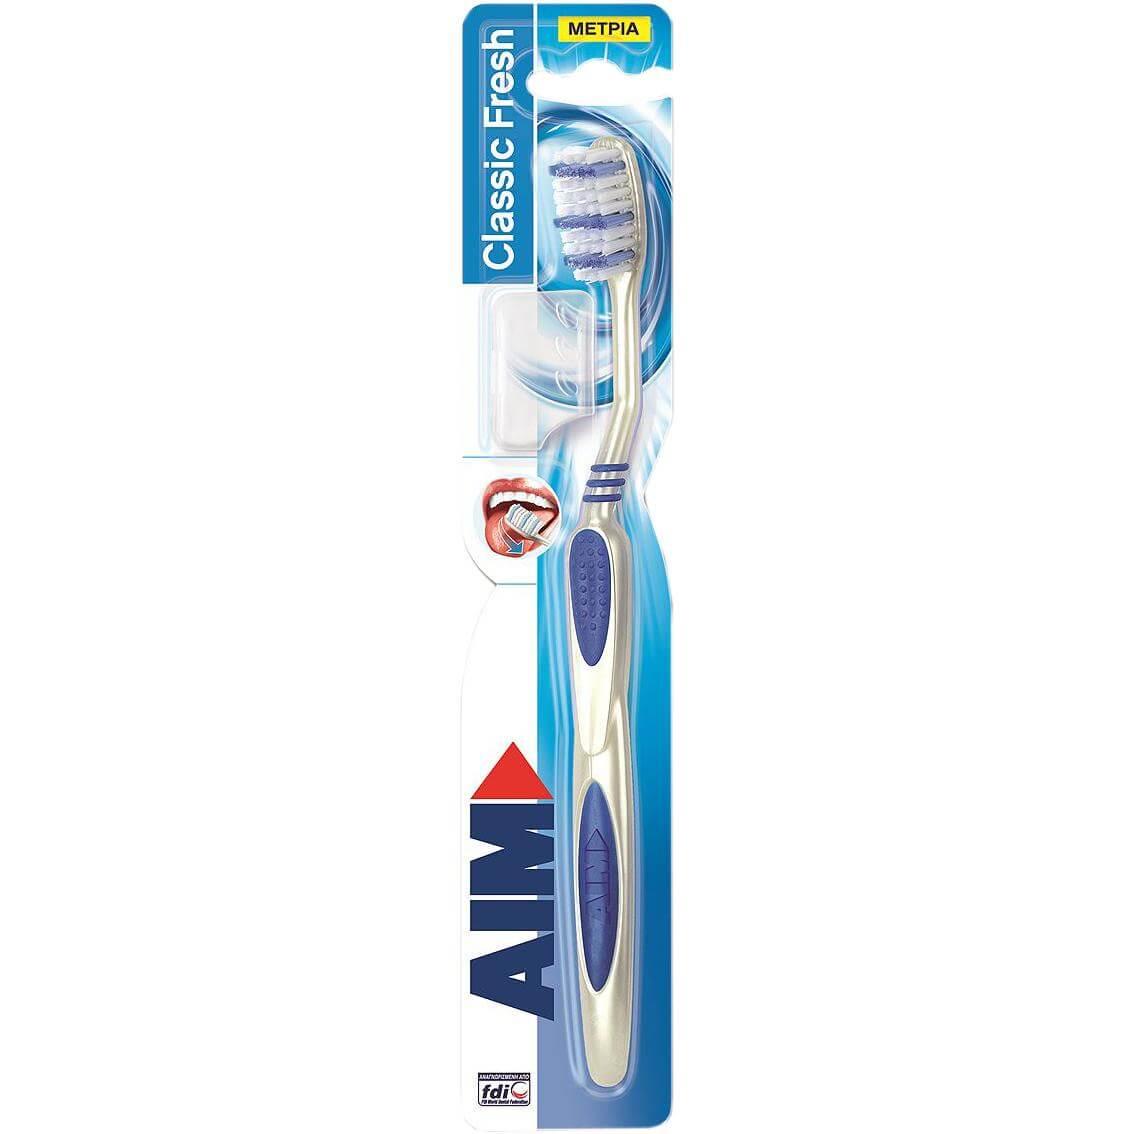 Αim Classic Fresh Οδοντόβουρτσα Μέτρια